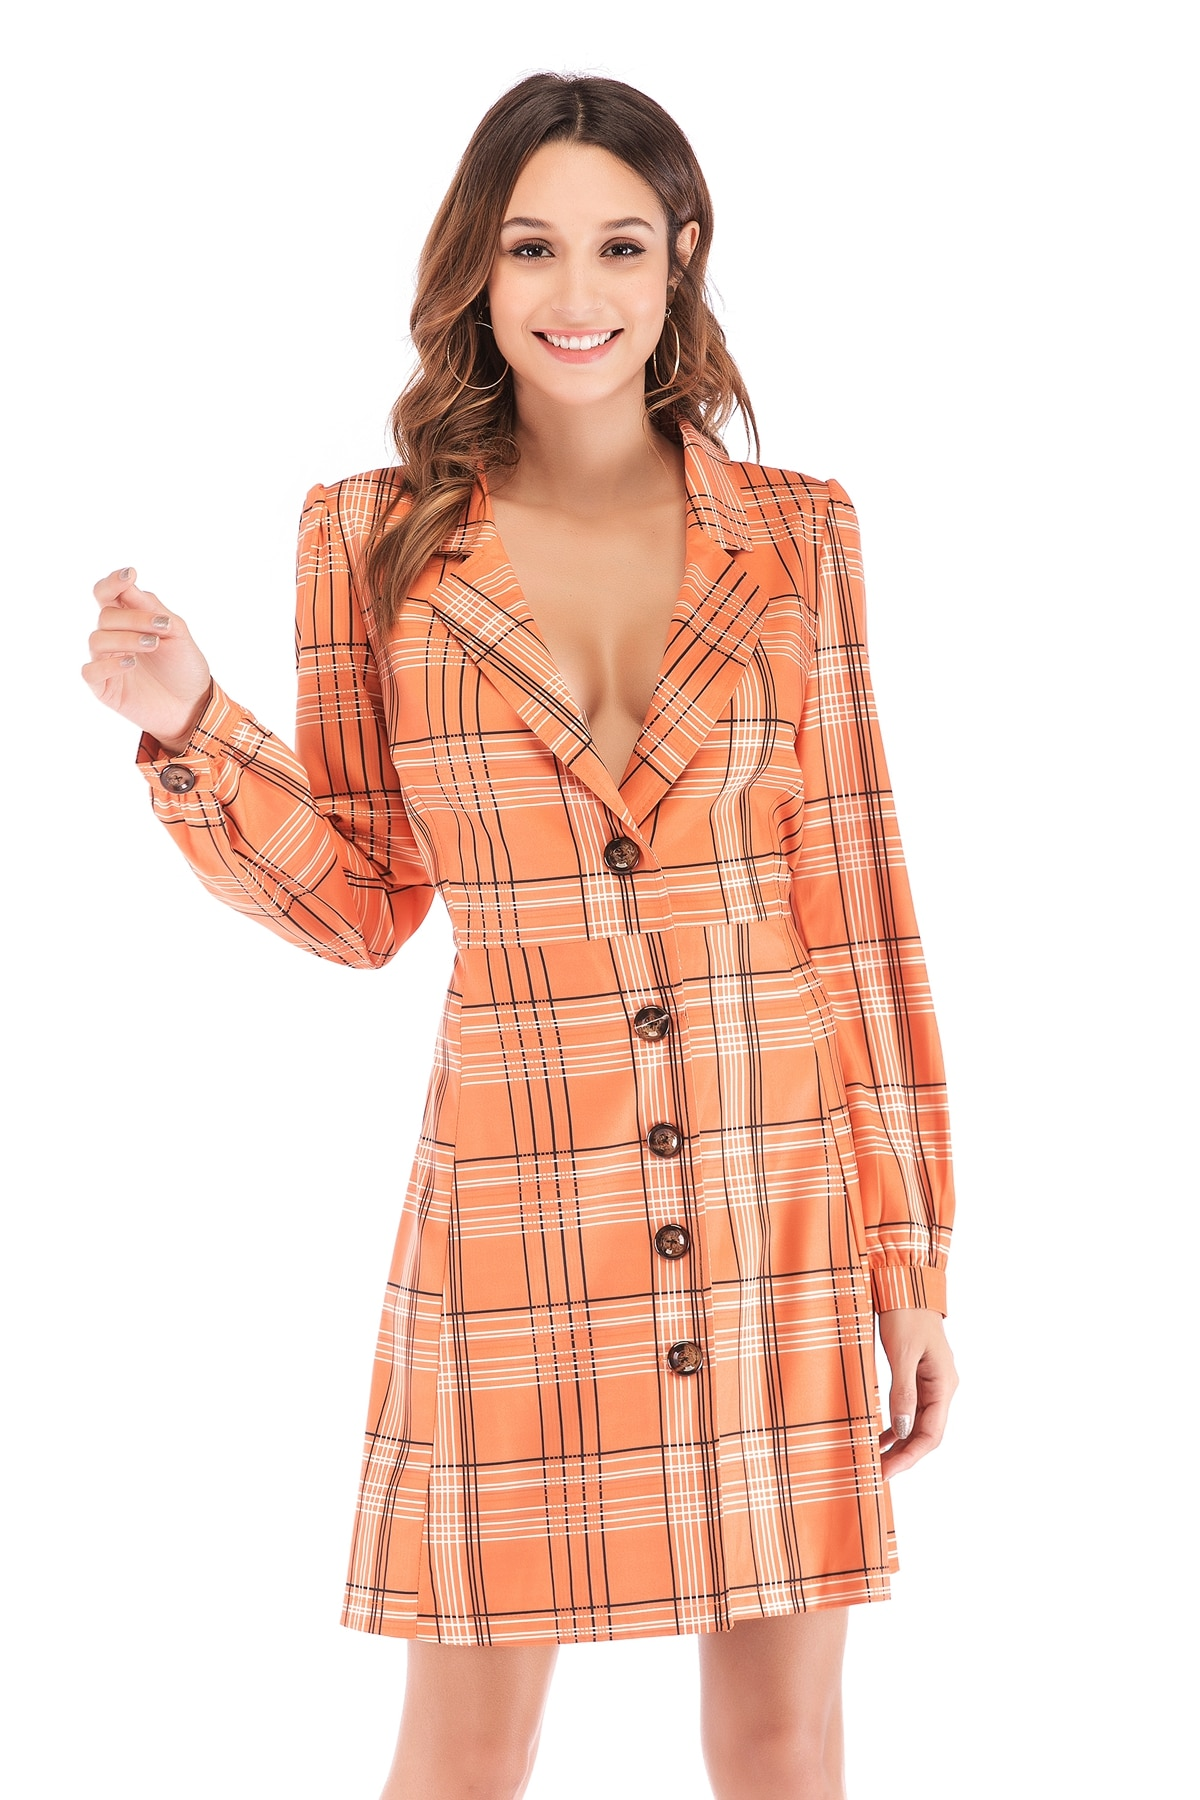 Feminino trincheira solta longo outono moda casaco outerwear